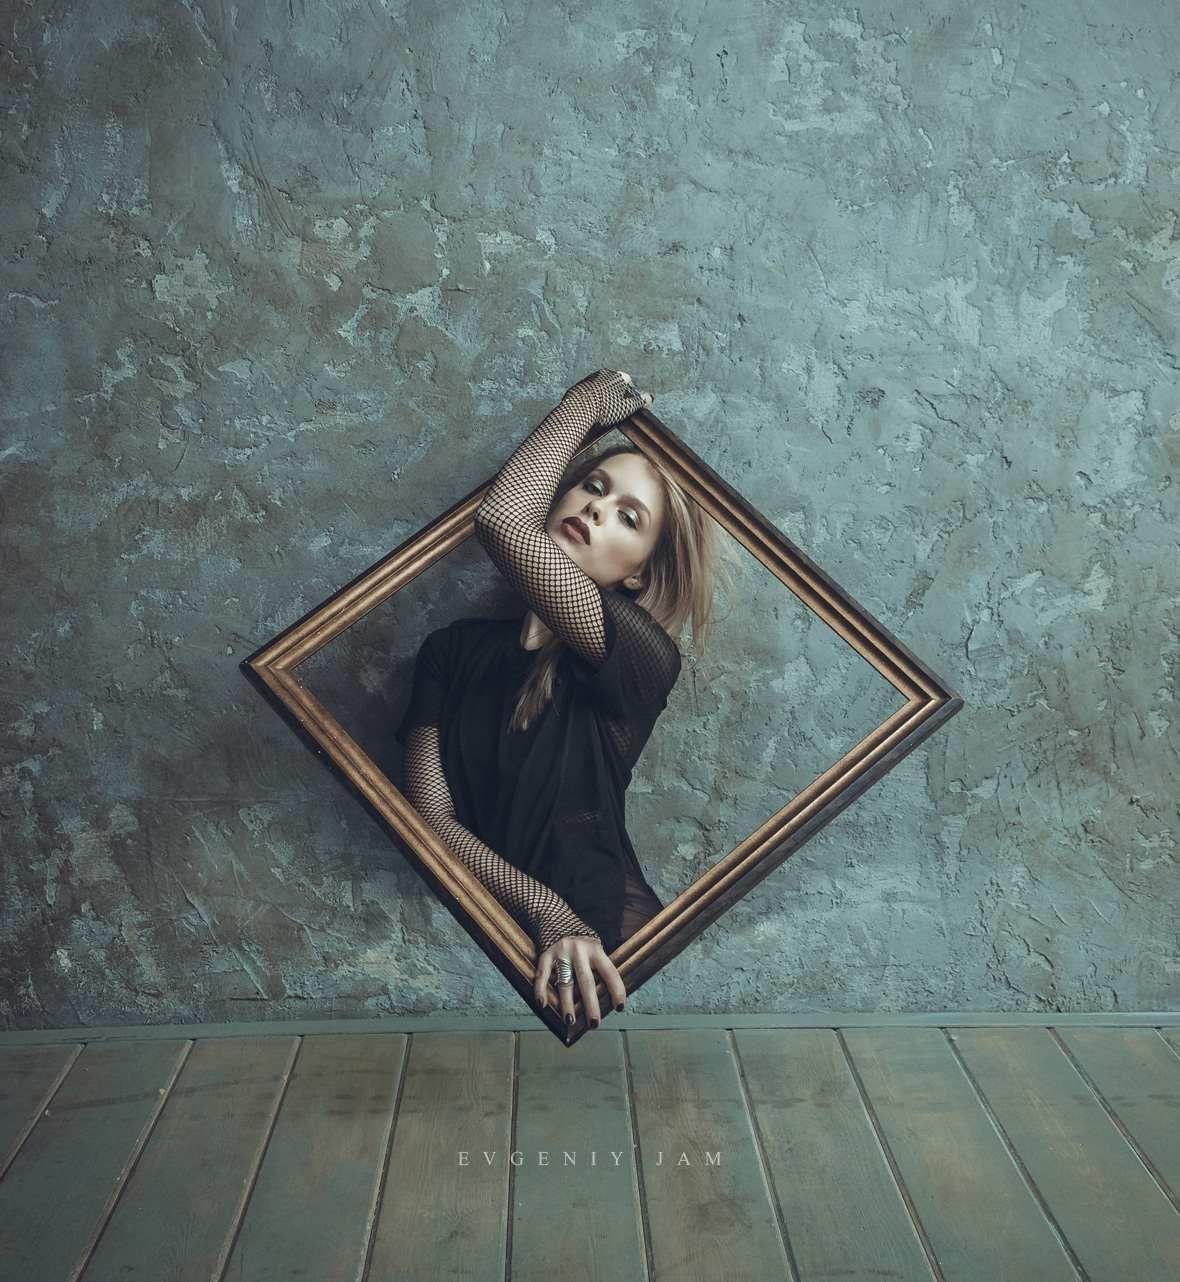 Beauty Portraits by Evgeniy Jam #inspiration #photography